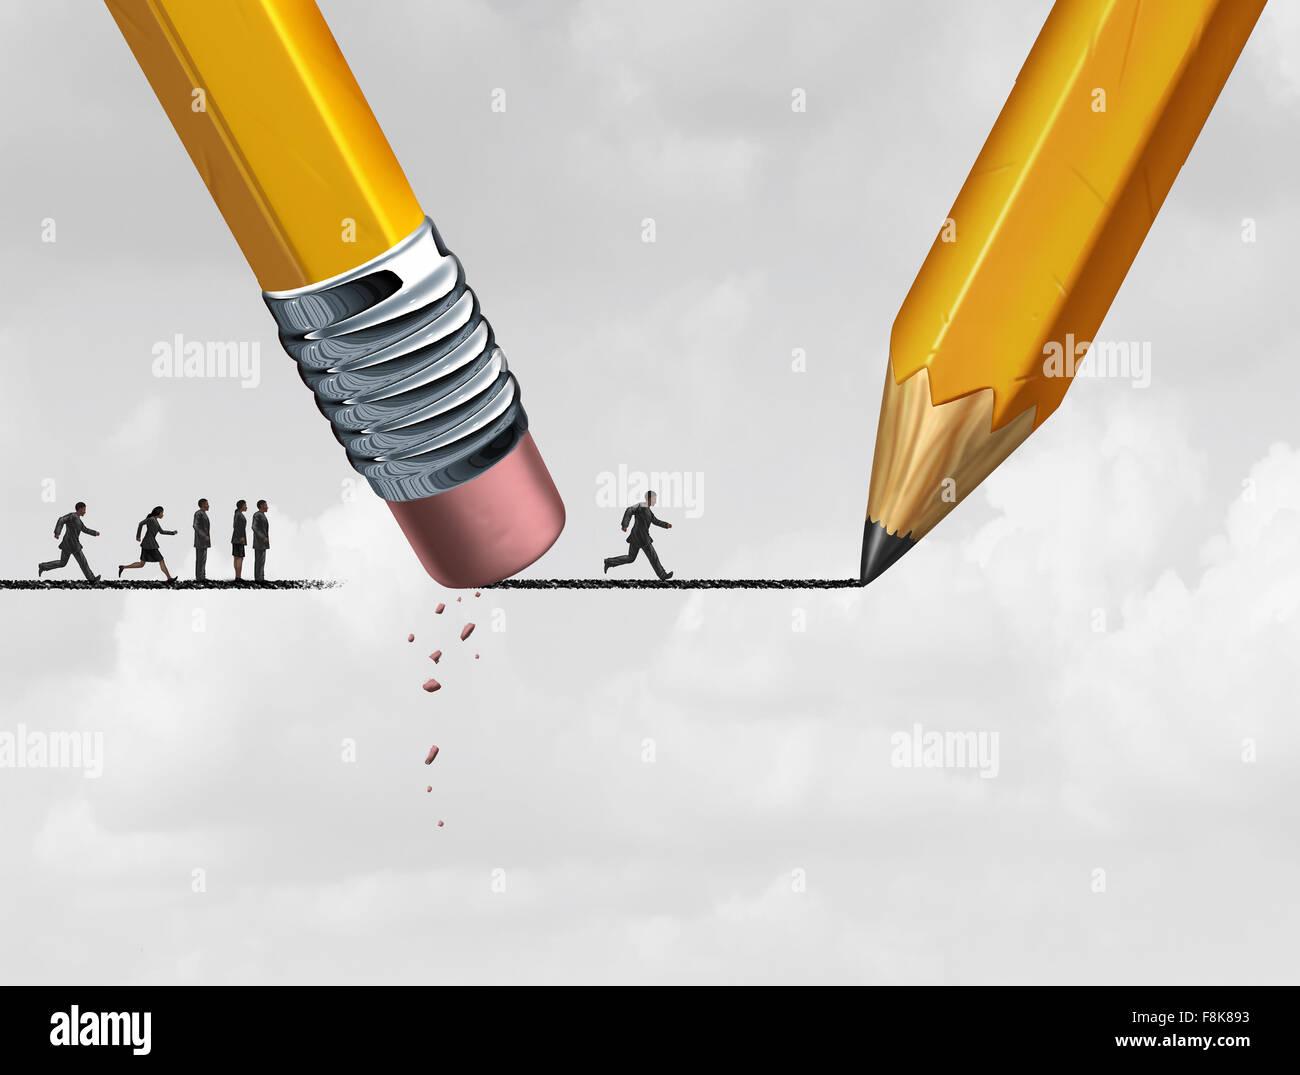 Concepto de ayuda y apoyo corporativo como un grupo de personas excluidas de avanzar sobre un dibujo de una línea Imagen De Stock